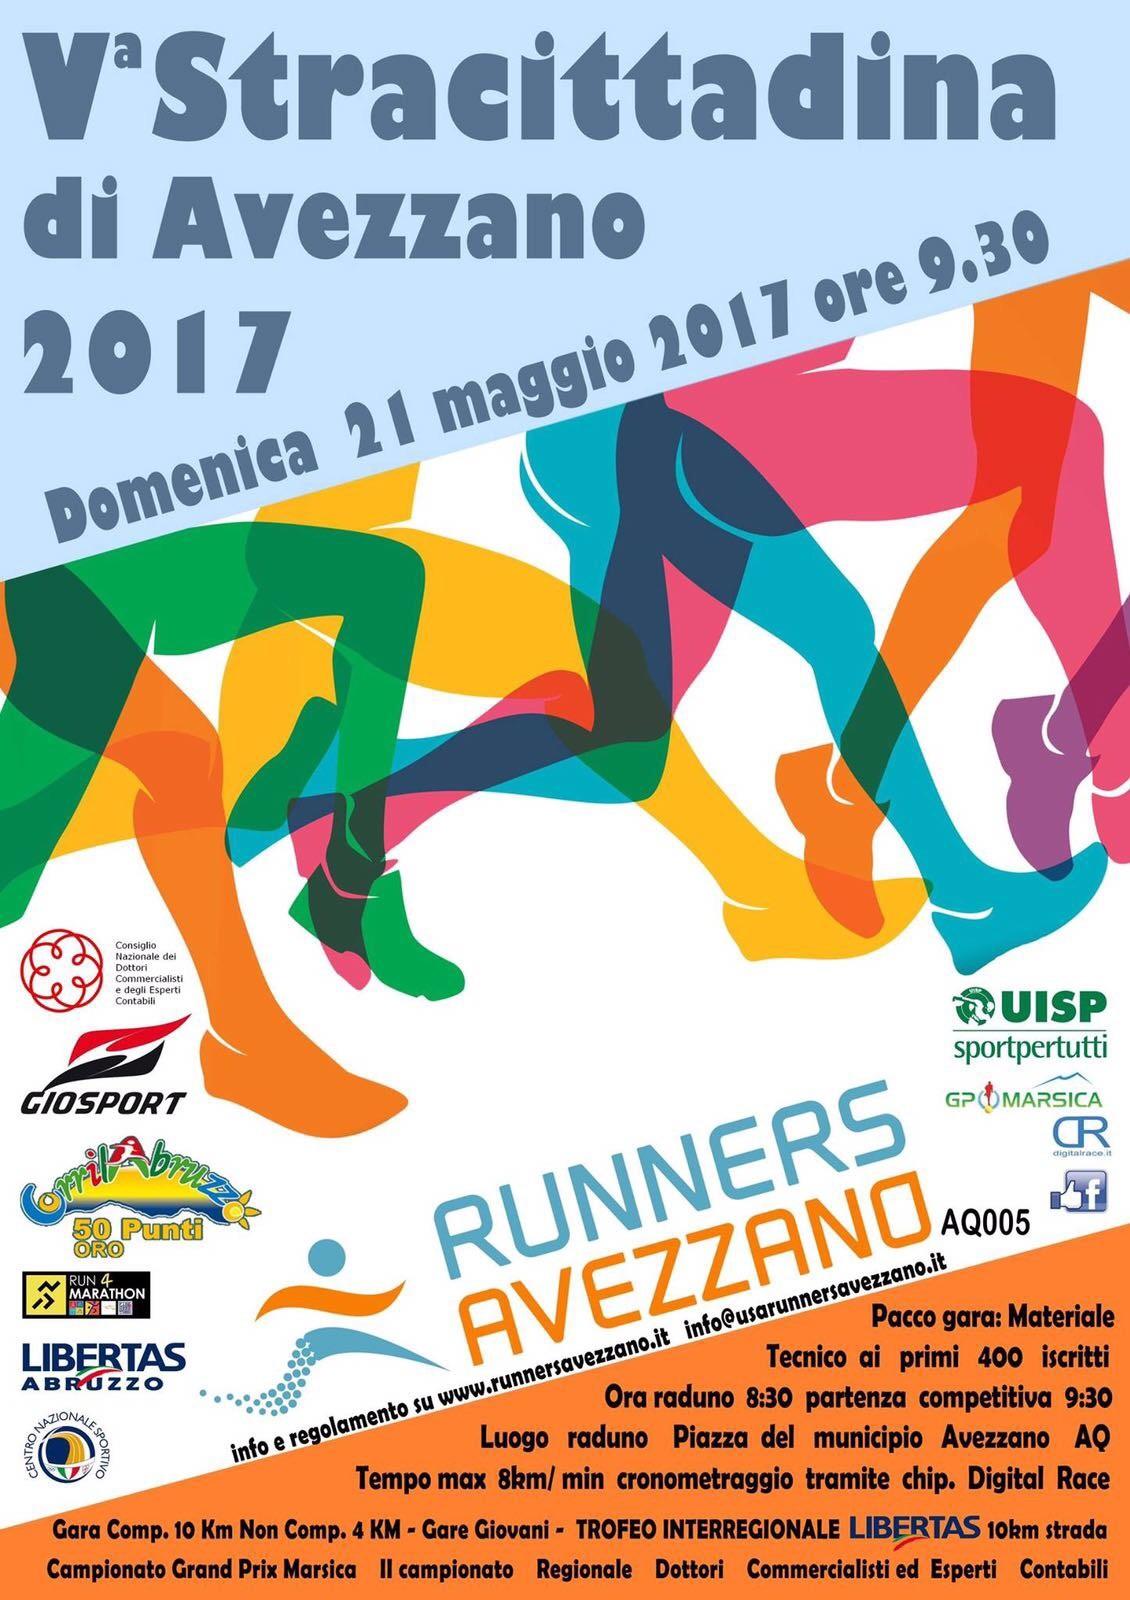 Tutto pronto per la quinta edizione della Stracittadina organizzata dalla Runners Avezzano